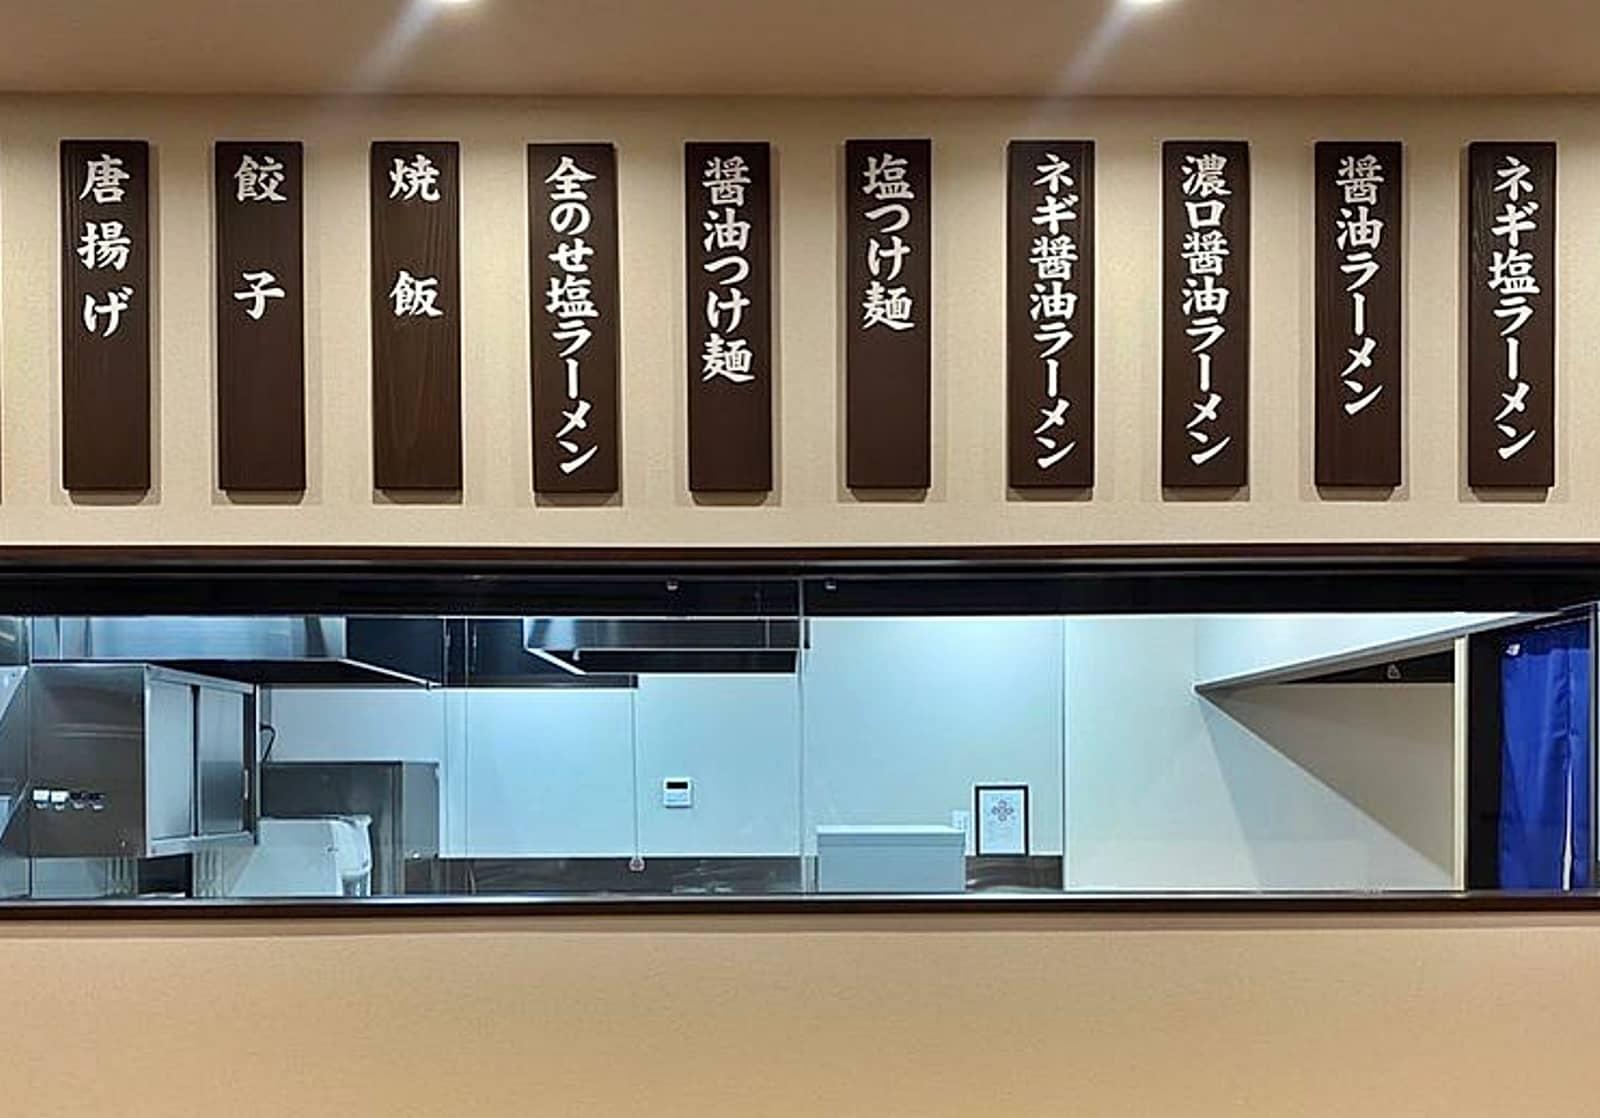 塩名人 本店 メニュー壁